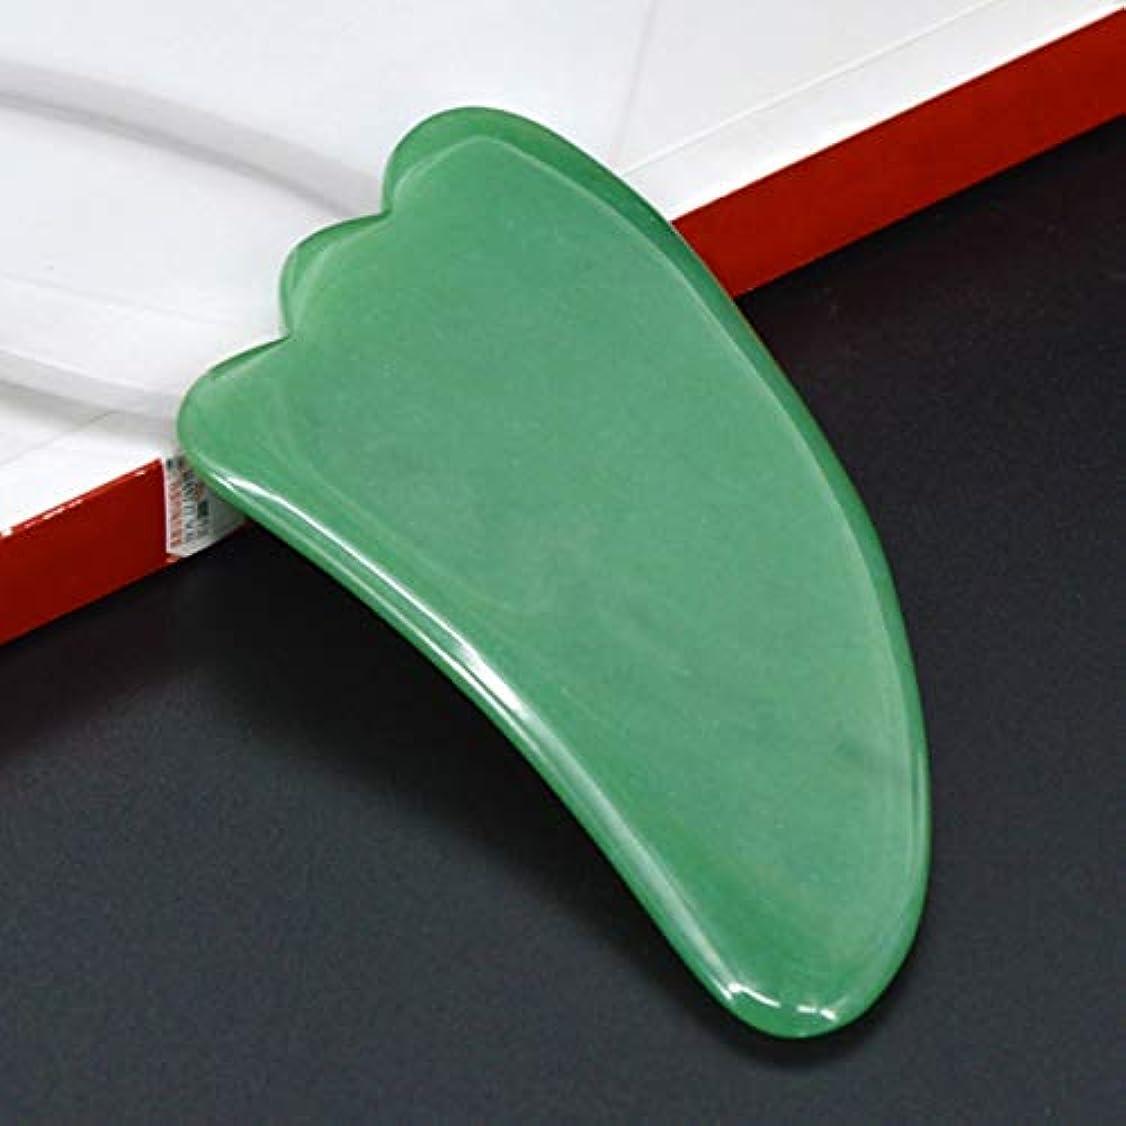 石委任する南西Compact Size Gua Sha Facial Treatment Massage Tool Chinese Natural Jade Scraping Tools Massage Healing Tool